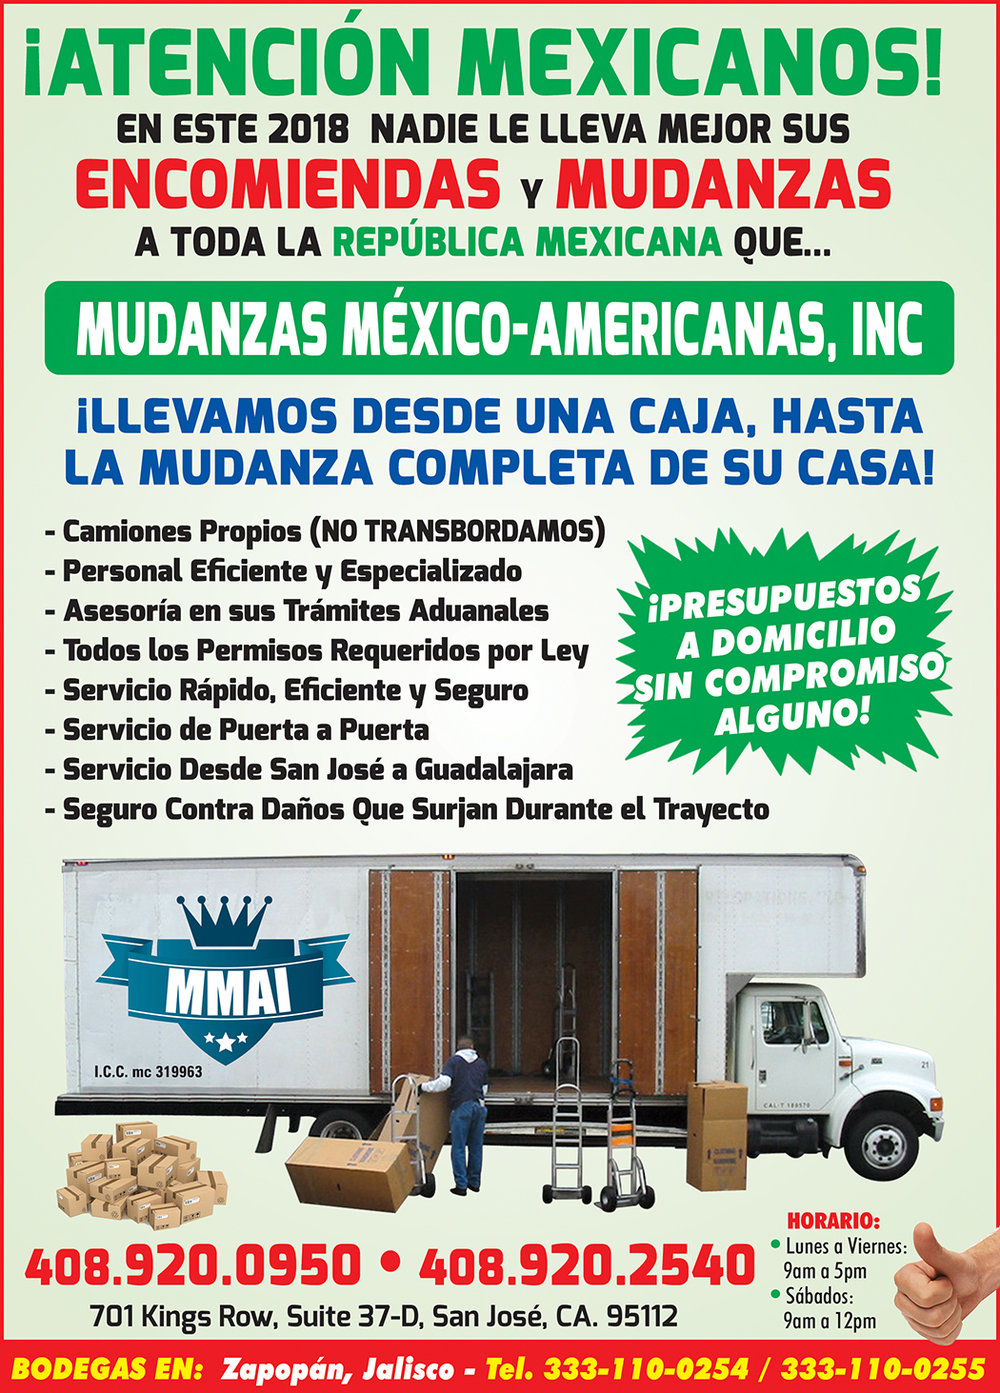 Mudanzas Latinas 1 Pag - Enero 2018.jpg